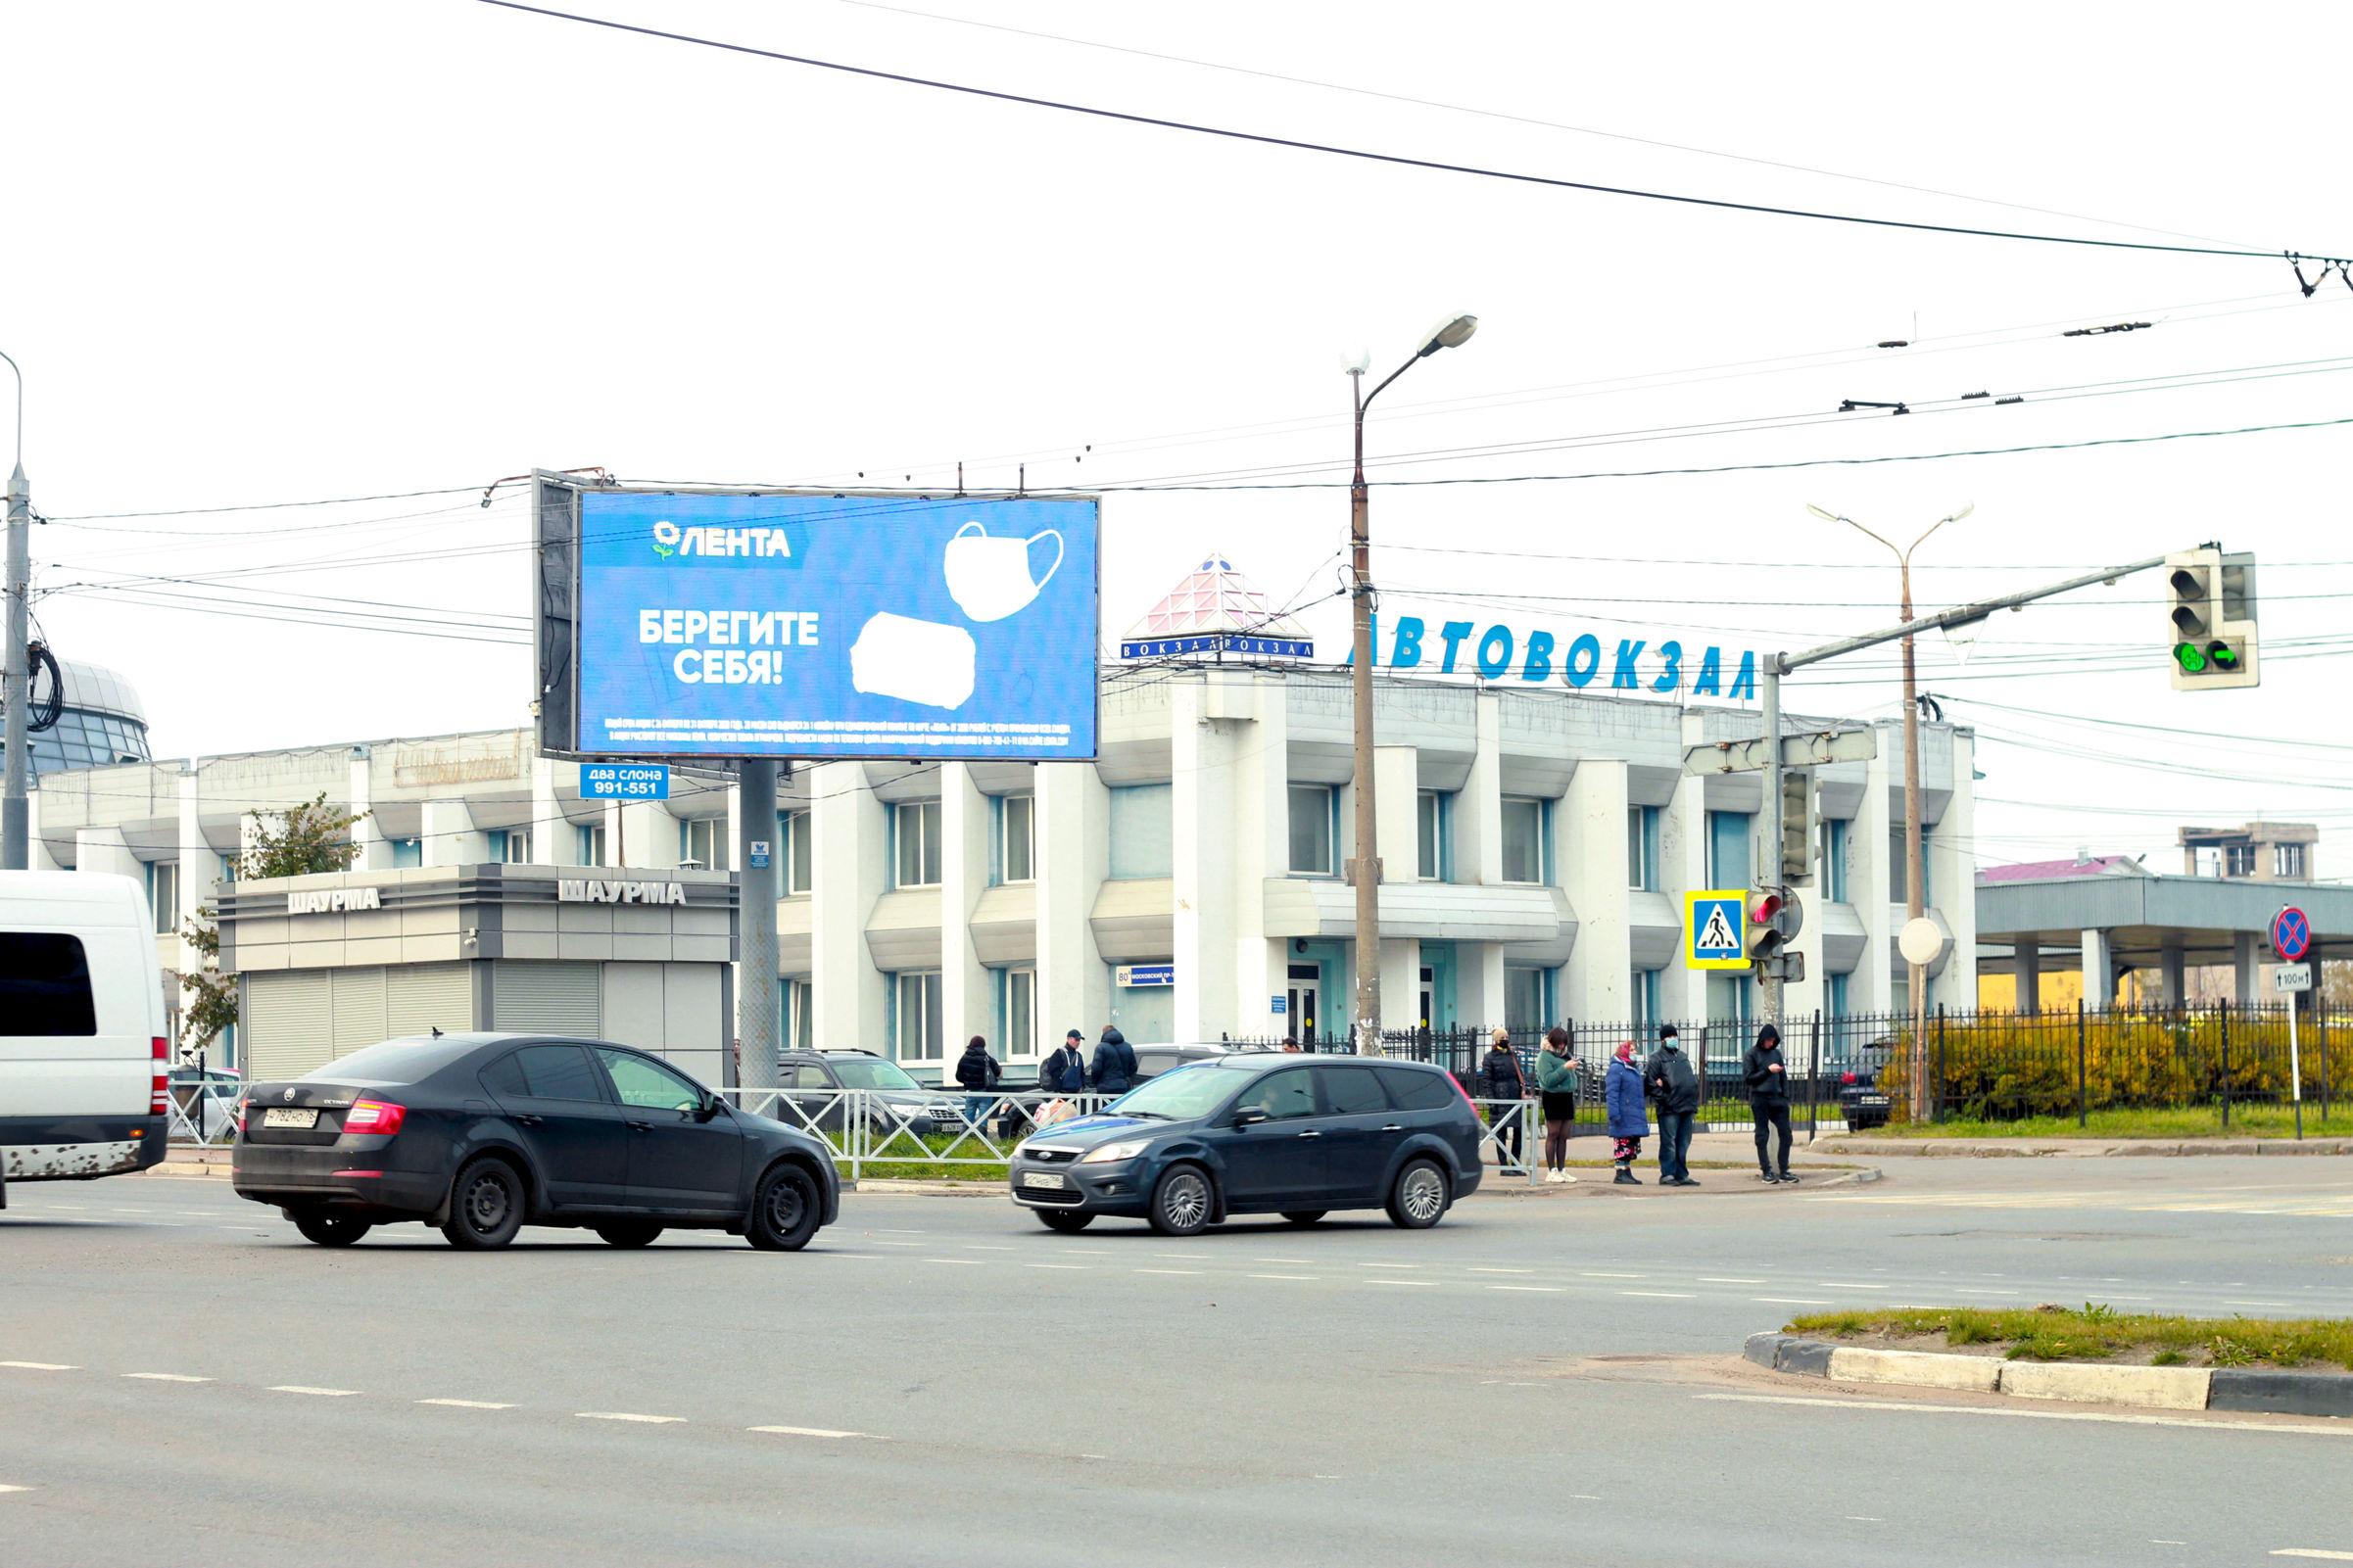 Специалисты проверили соблюдение масочного режима на автовокзале в Ярославле